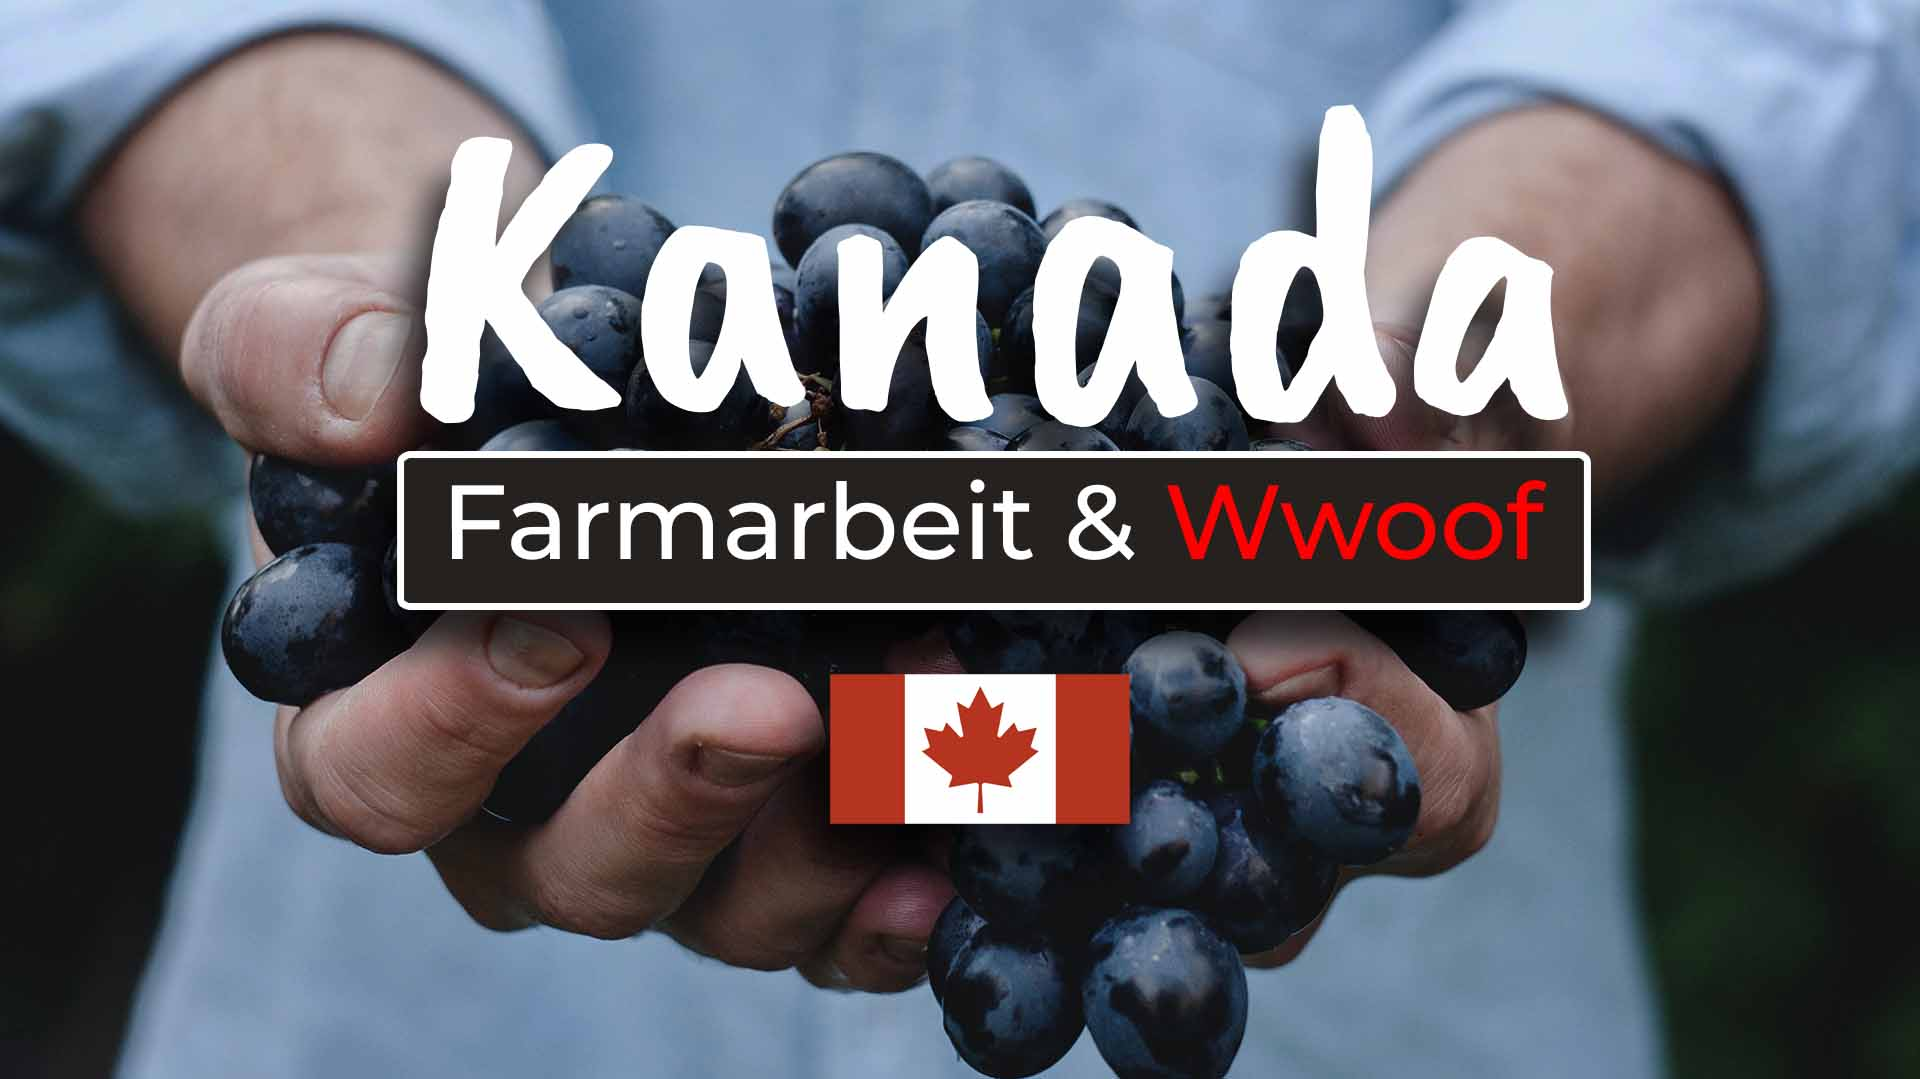 Farmarbeit in Kanada Jobmöglichkeiten, Wwoofing und Co - Cover